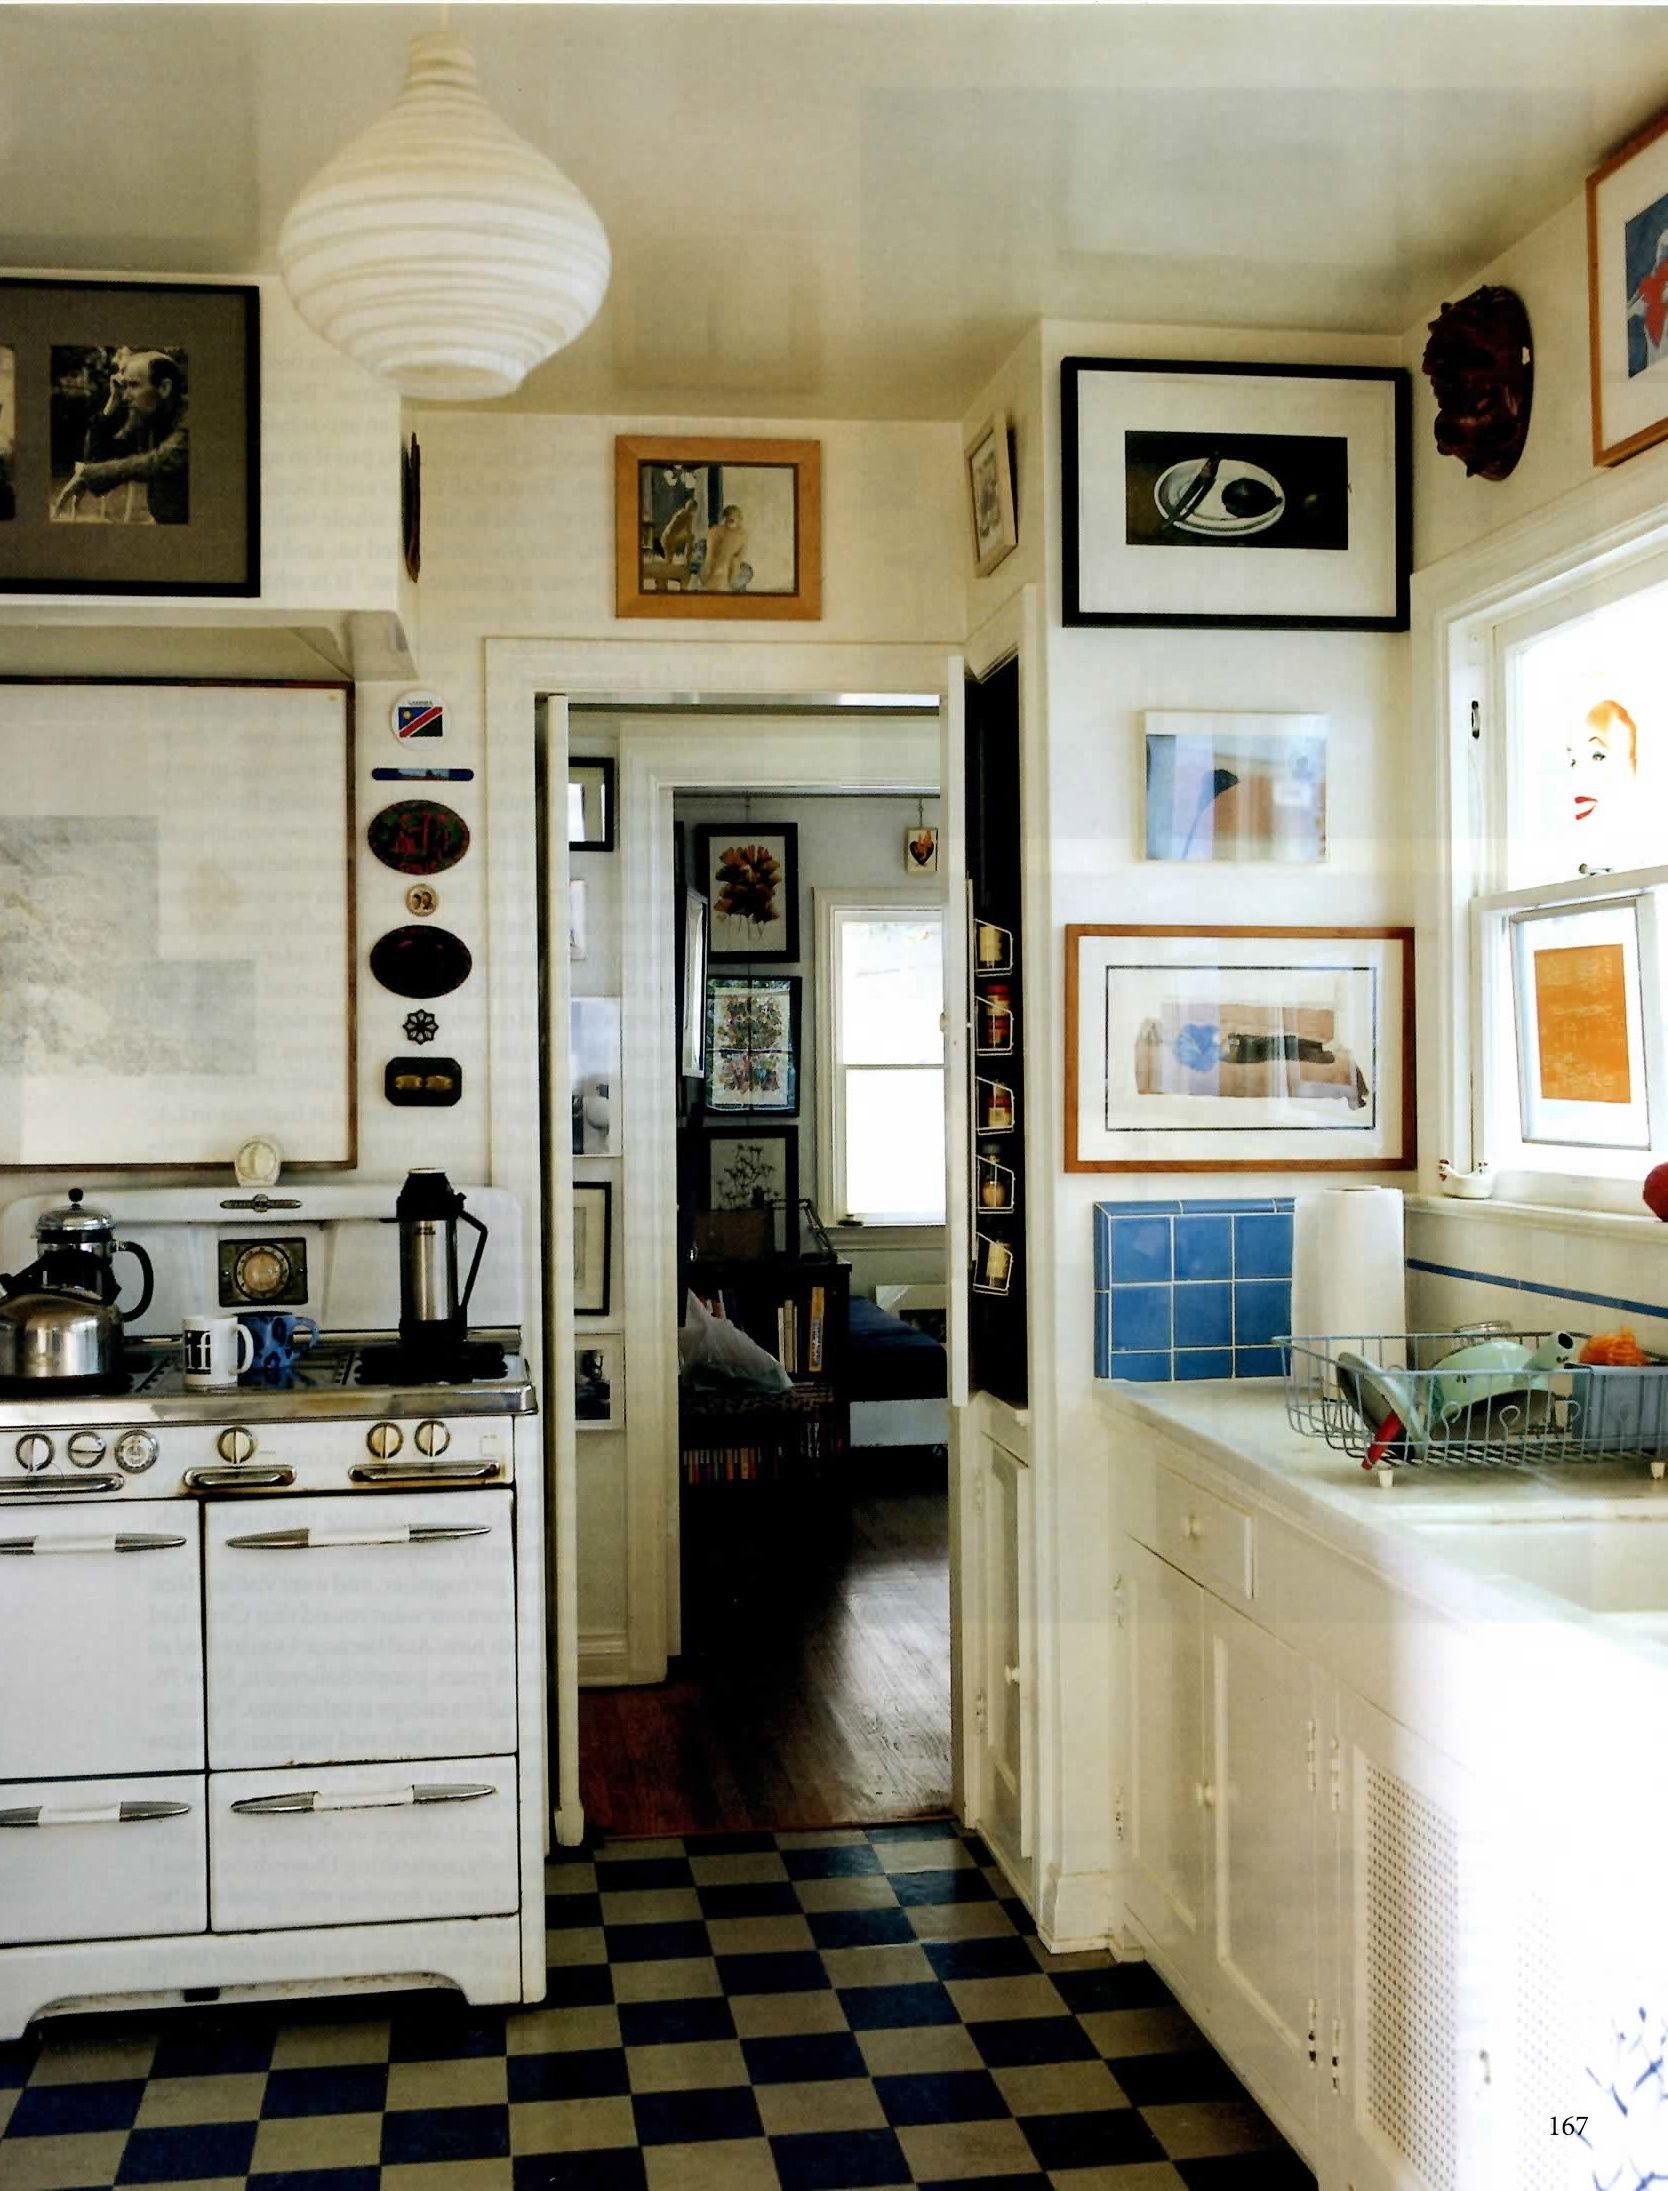 art in kitchen | Küchen | Maison, Décoration maison und Déco maison